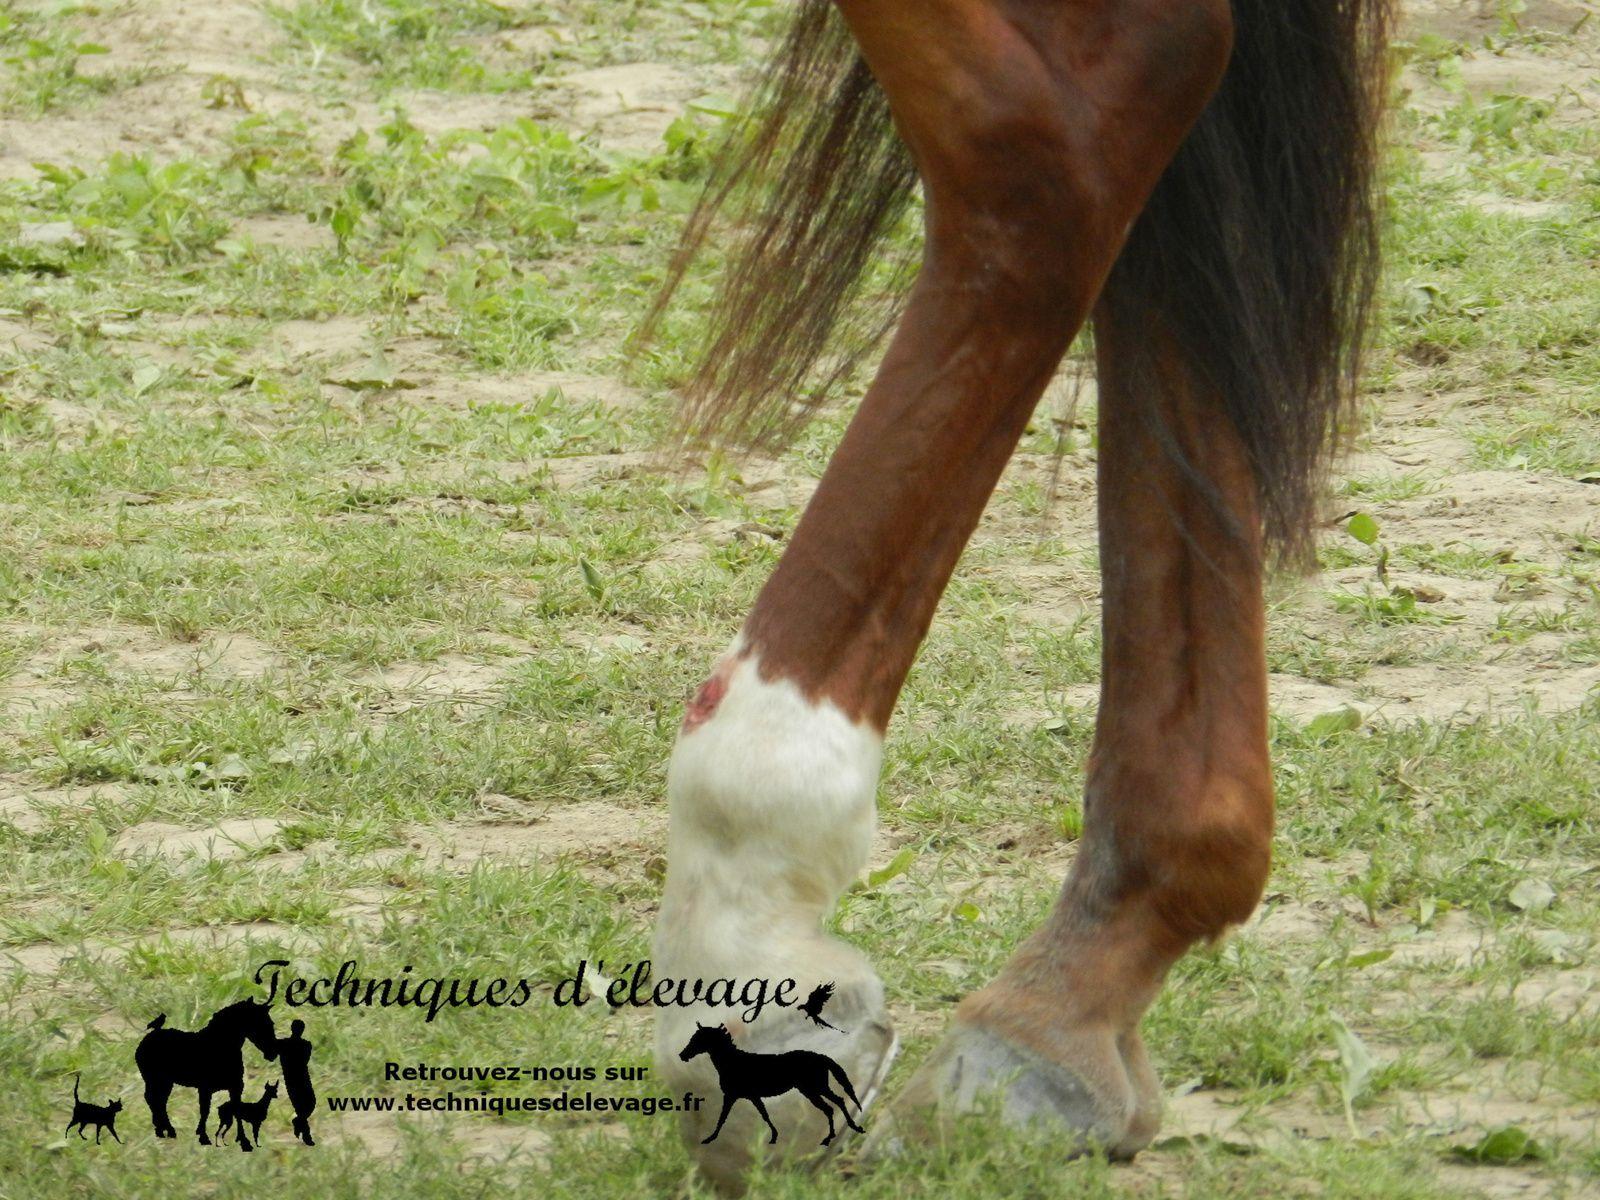 Membres postérieurs d'un cheval. Techniques d'élevage. Tous droits réservés